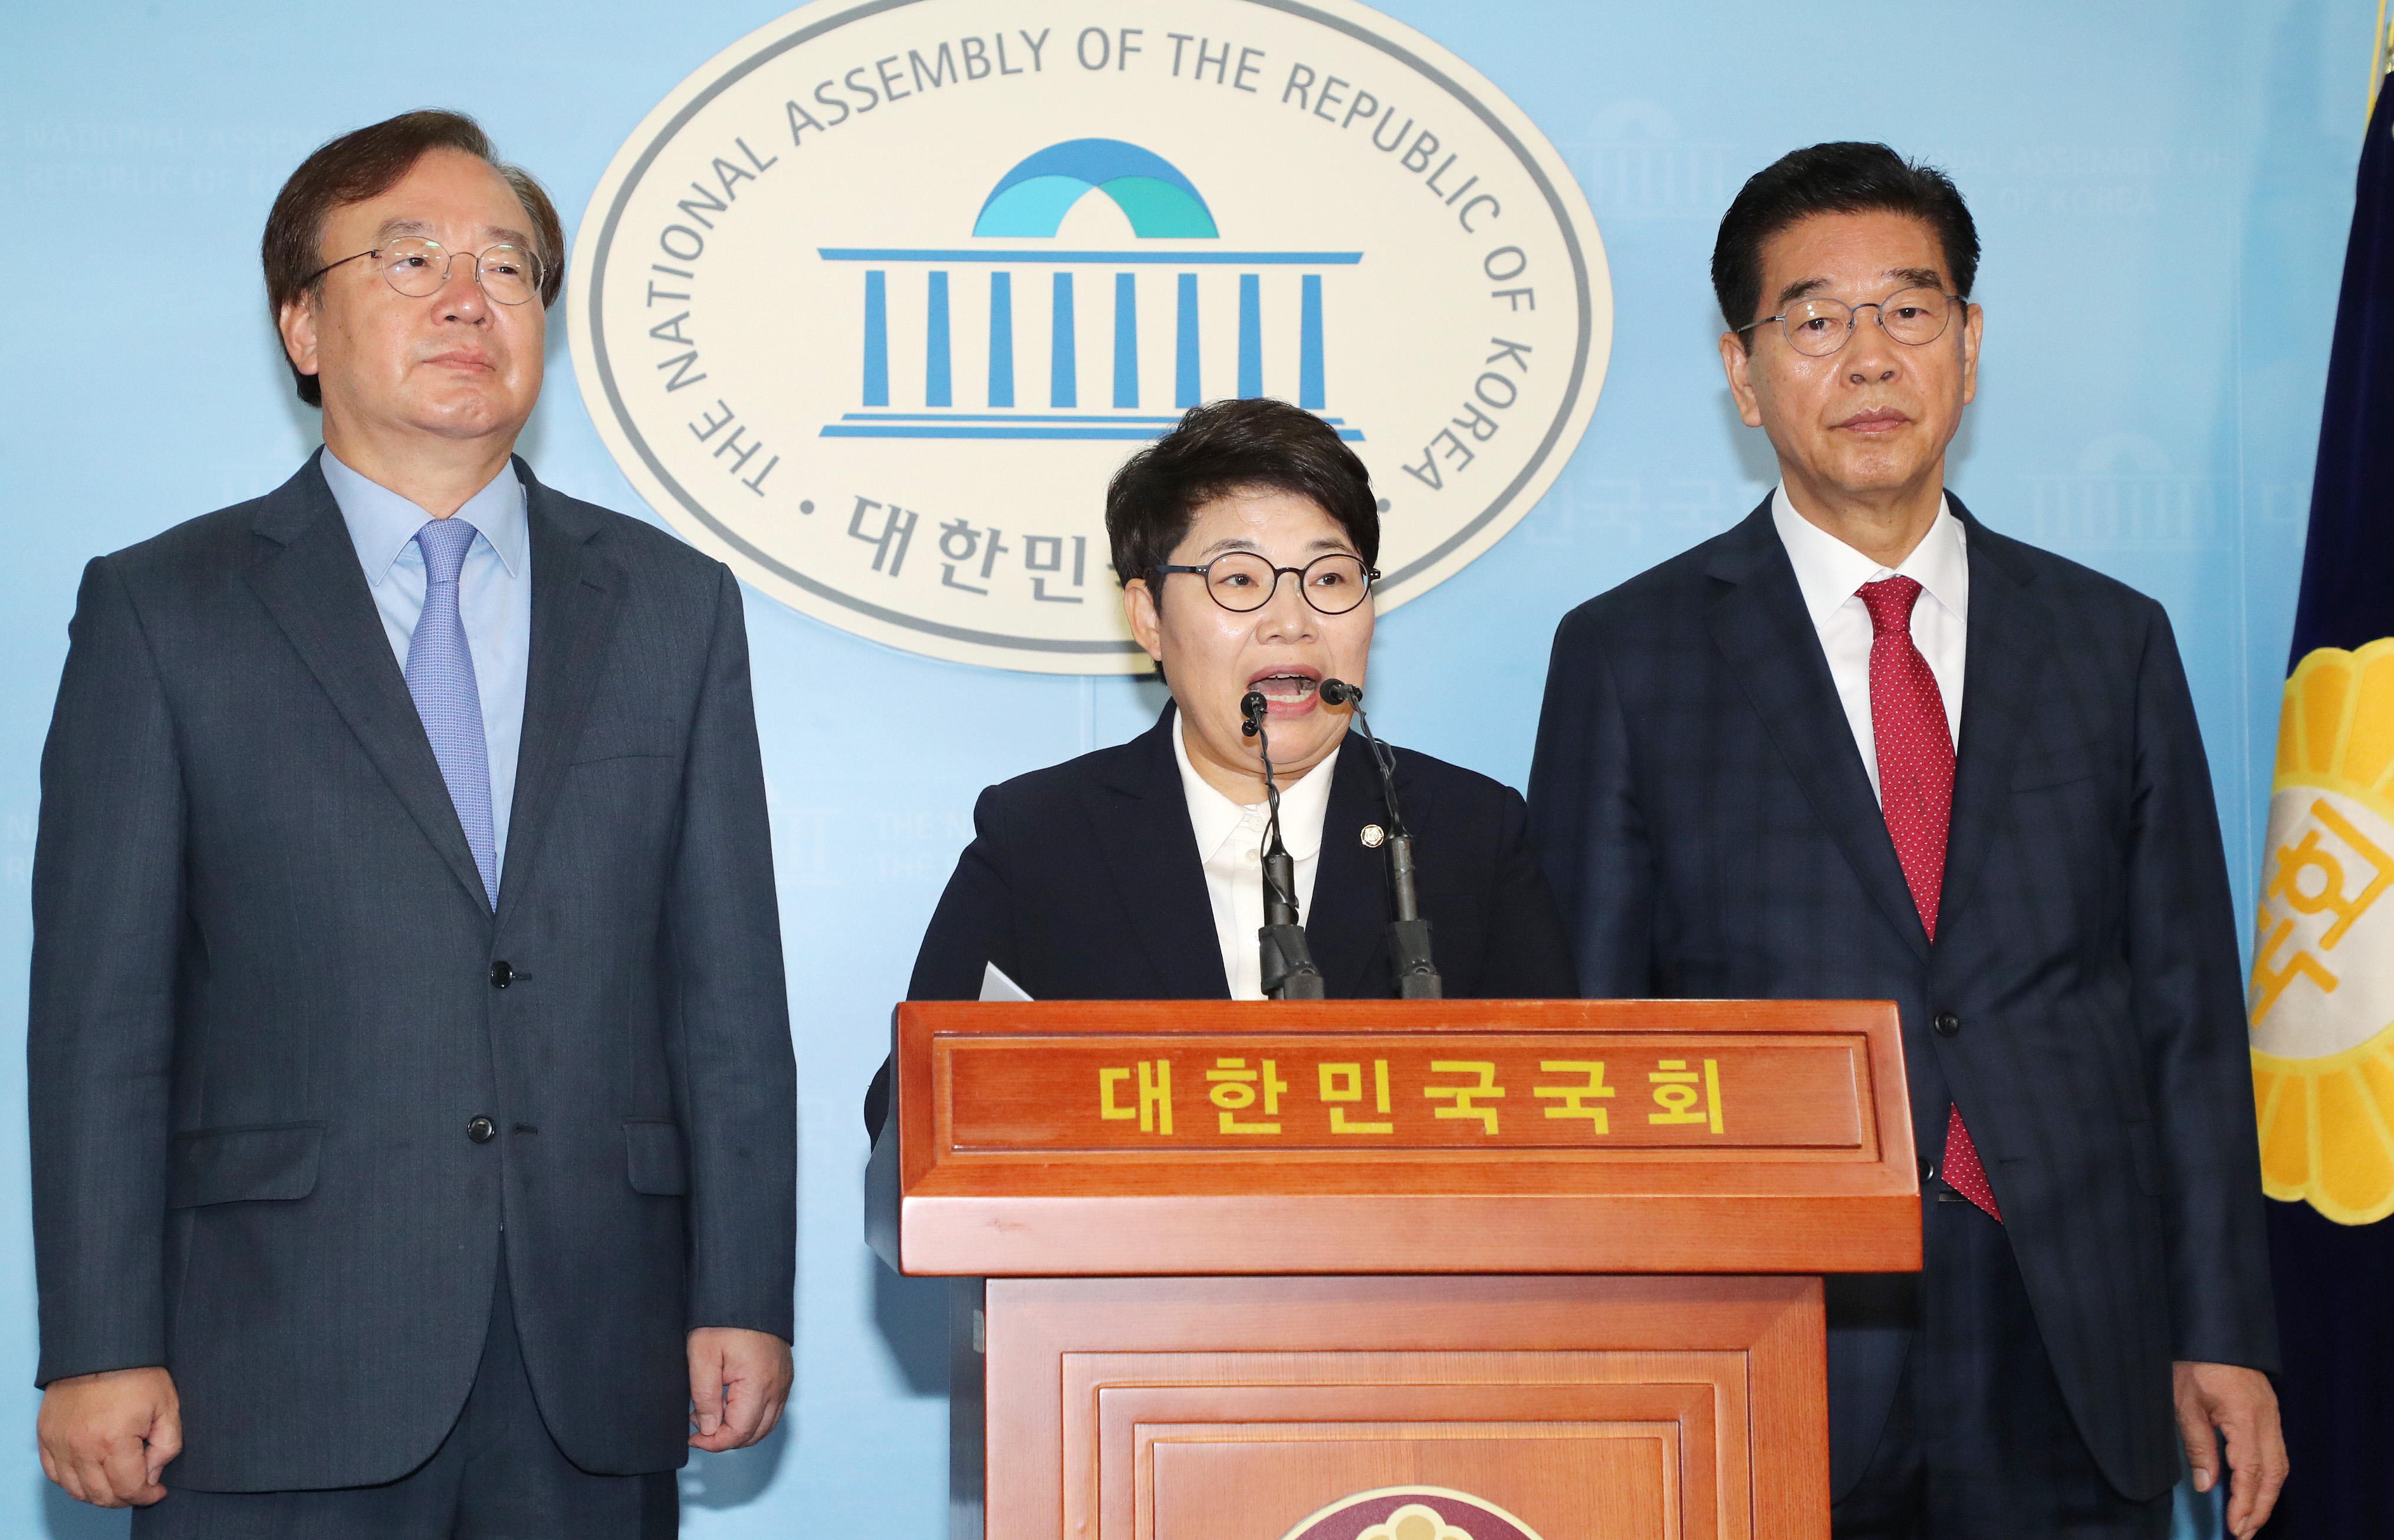 조명래 환경부장관 후보자 사퇴 촉구 기자회견 <사진=연합뉴스>